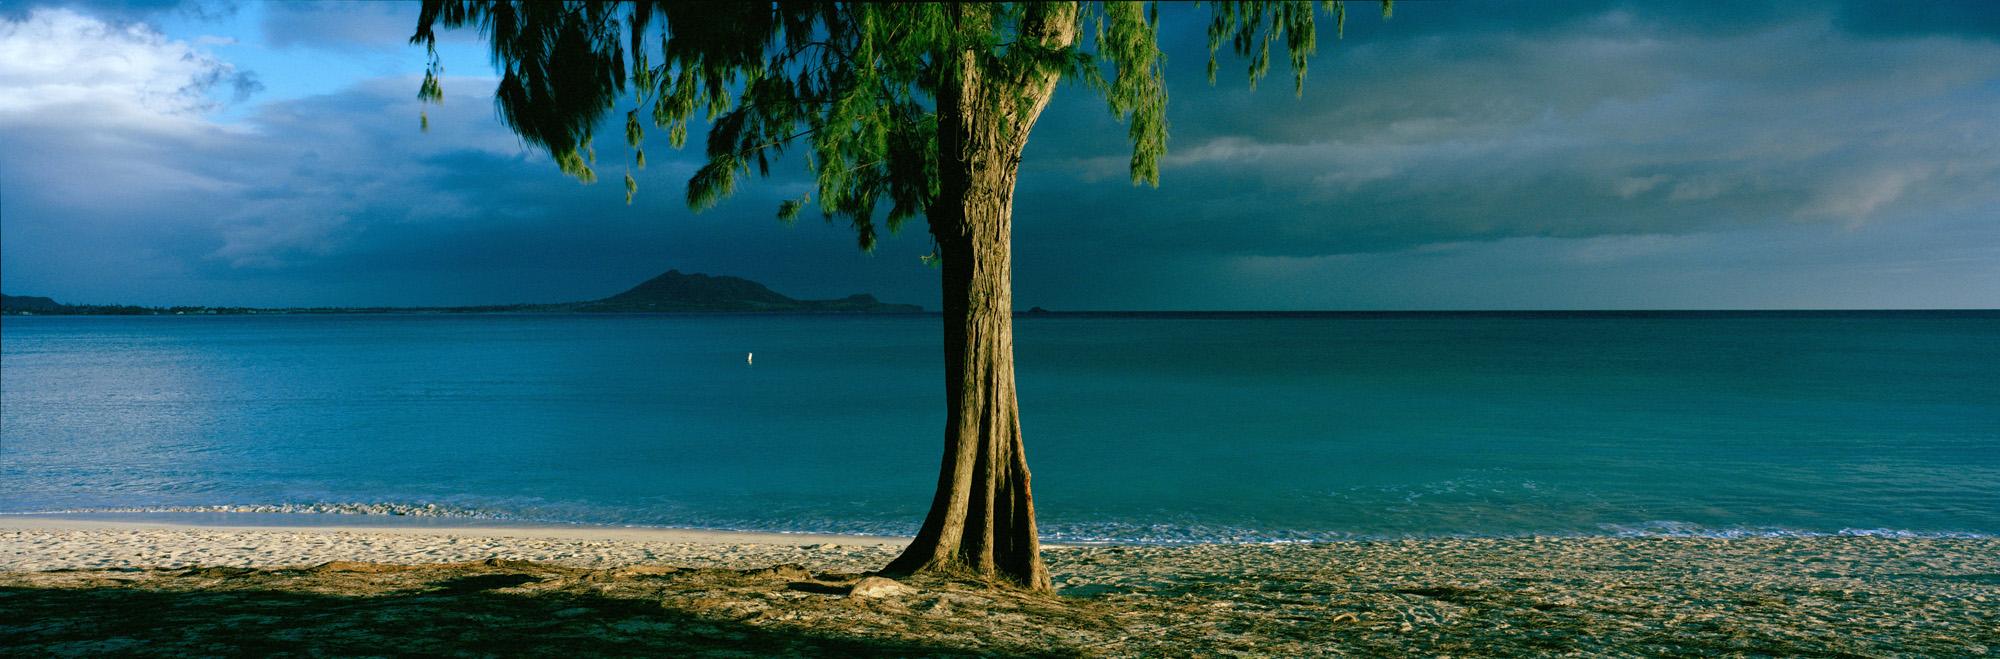 Kailua_Morning.jpg